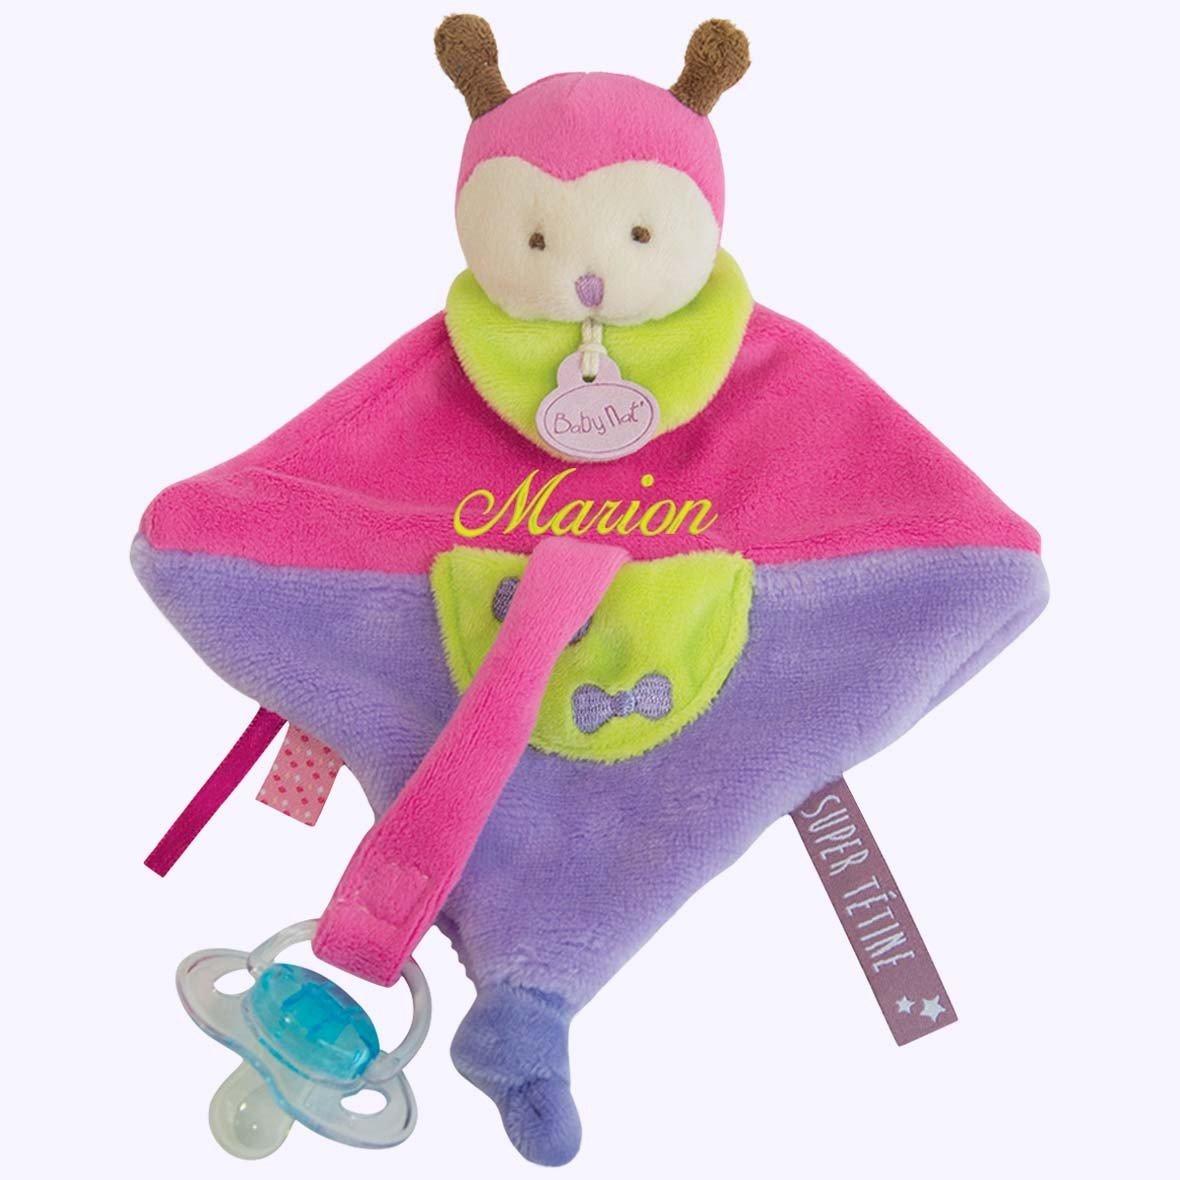 Doudou Coccinelle attache porte tétine à broder avec prénom- cadeau liste de naissance - cadeau personnalisé naissance - cadeau personnalisé bébé